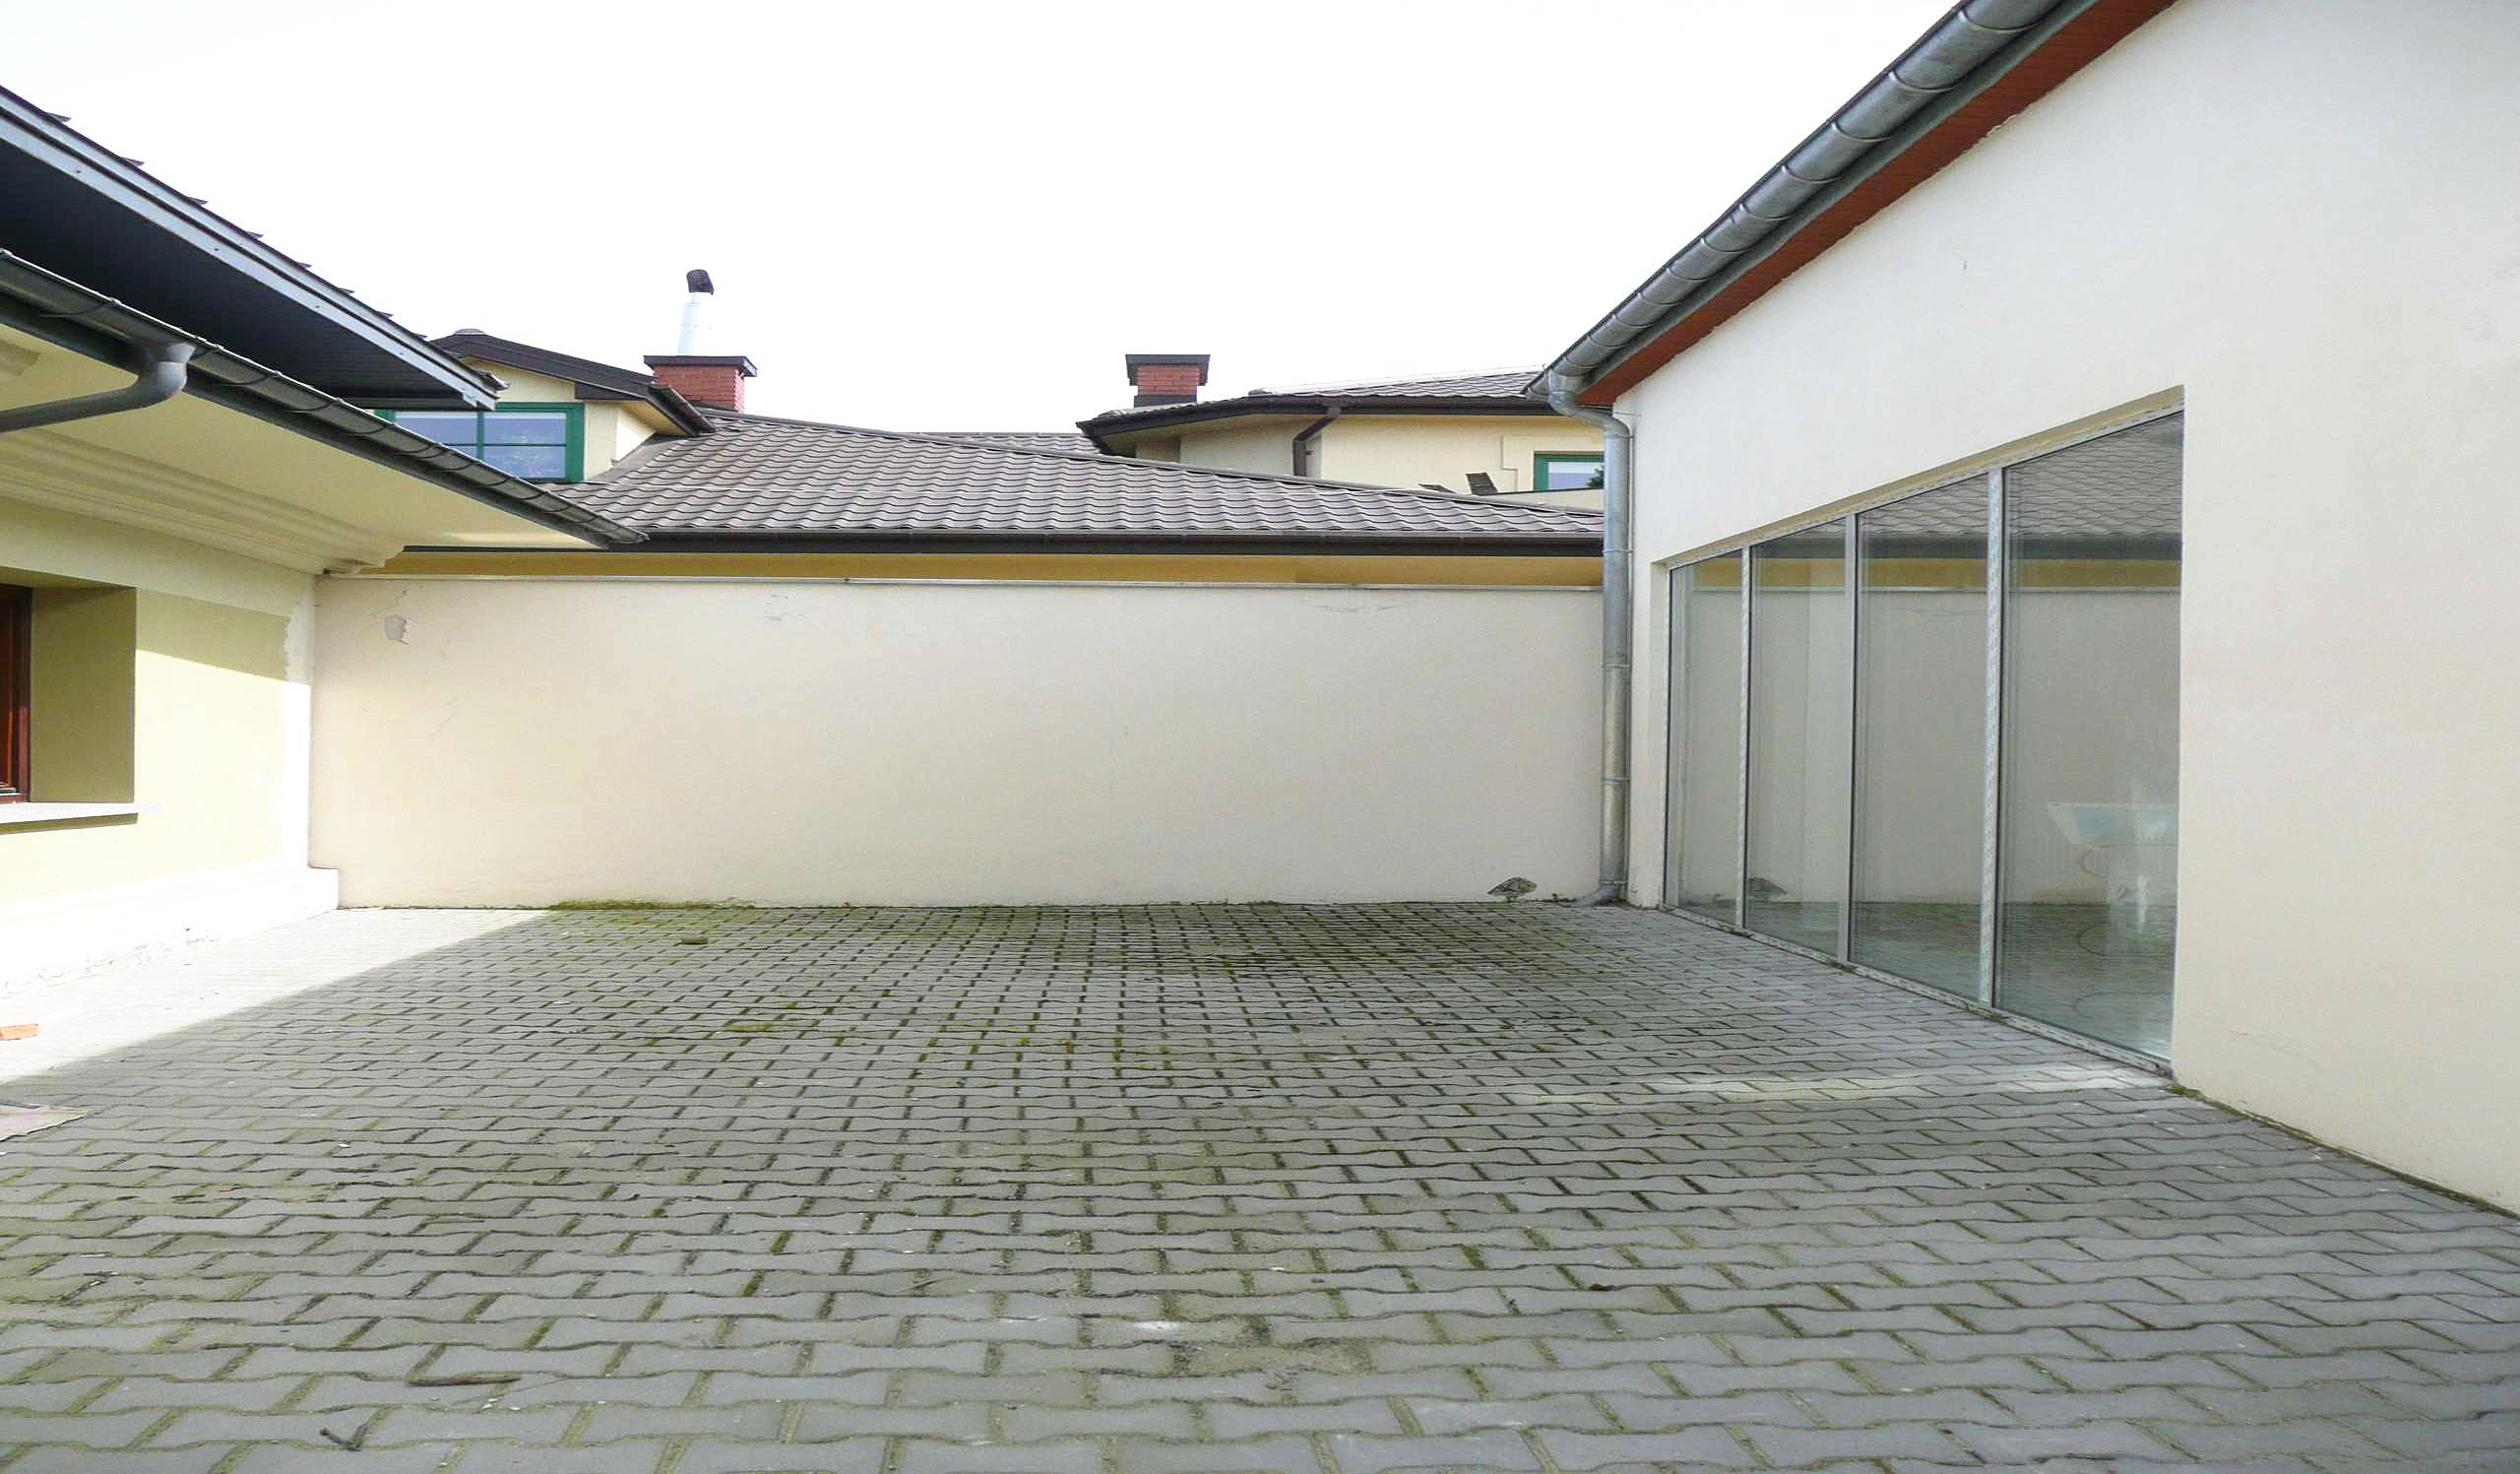 lokal gastronomiczny, Starówka, Zamośc - lokal do wynajęcia - Krzysztof Górski Nieruchomości Zamość